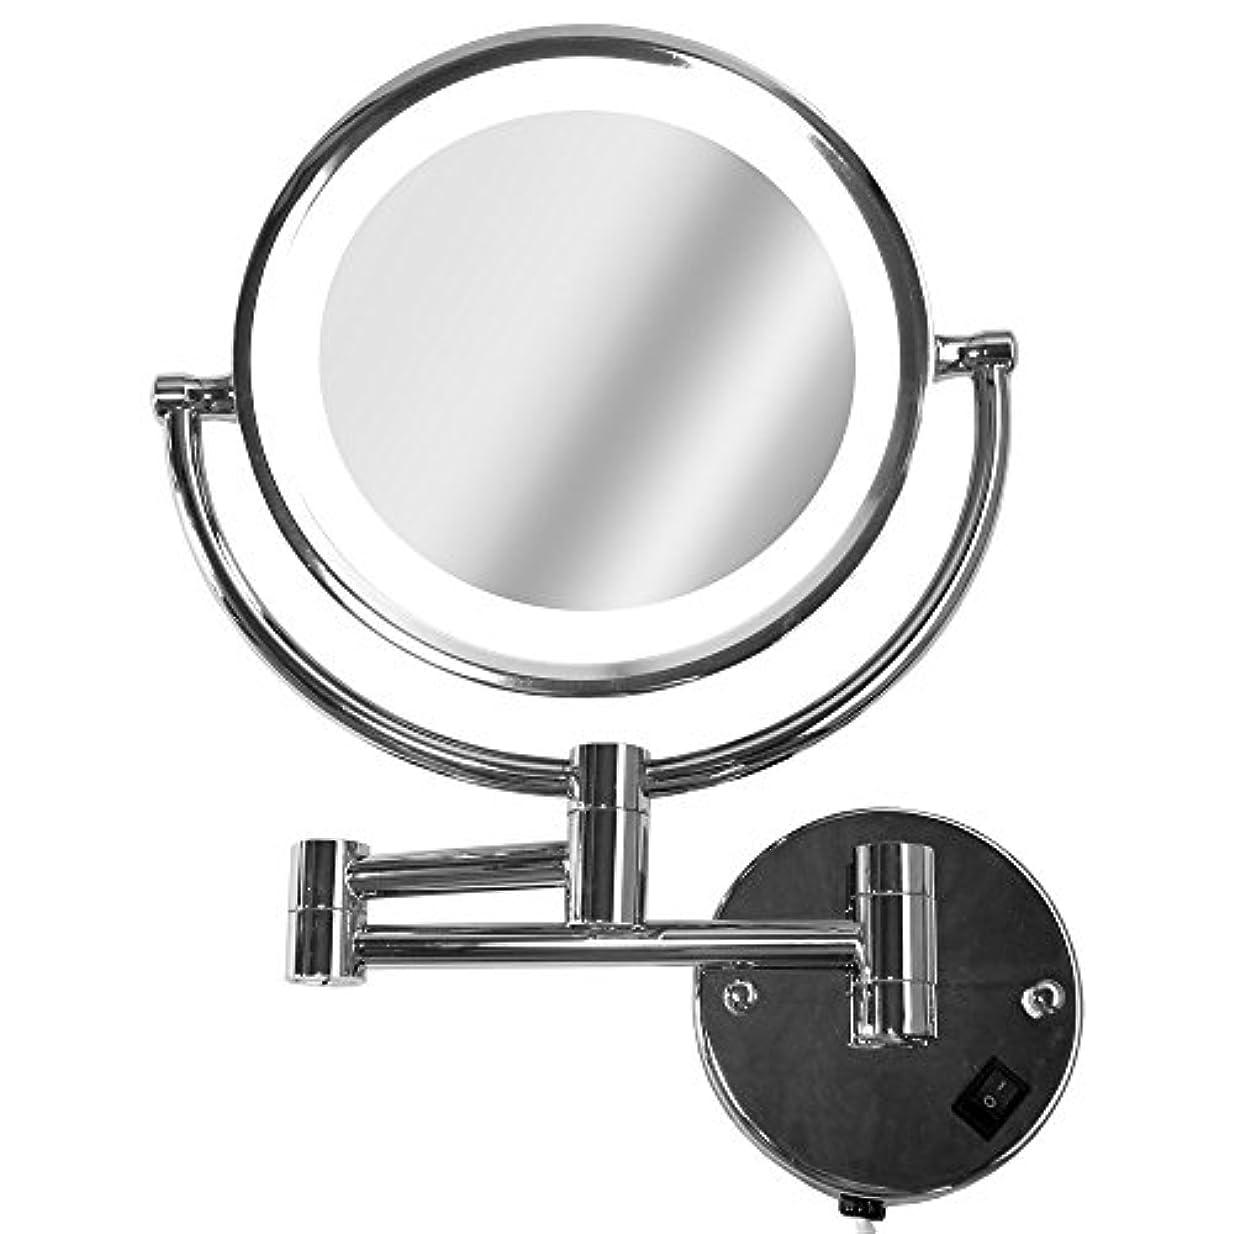 報奨金快適天文学La Curie アームミラー 壁付けミラー 拡大鏡 折りたたみホテルミラー LEDライト付 5倍 LaCurie014